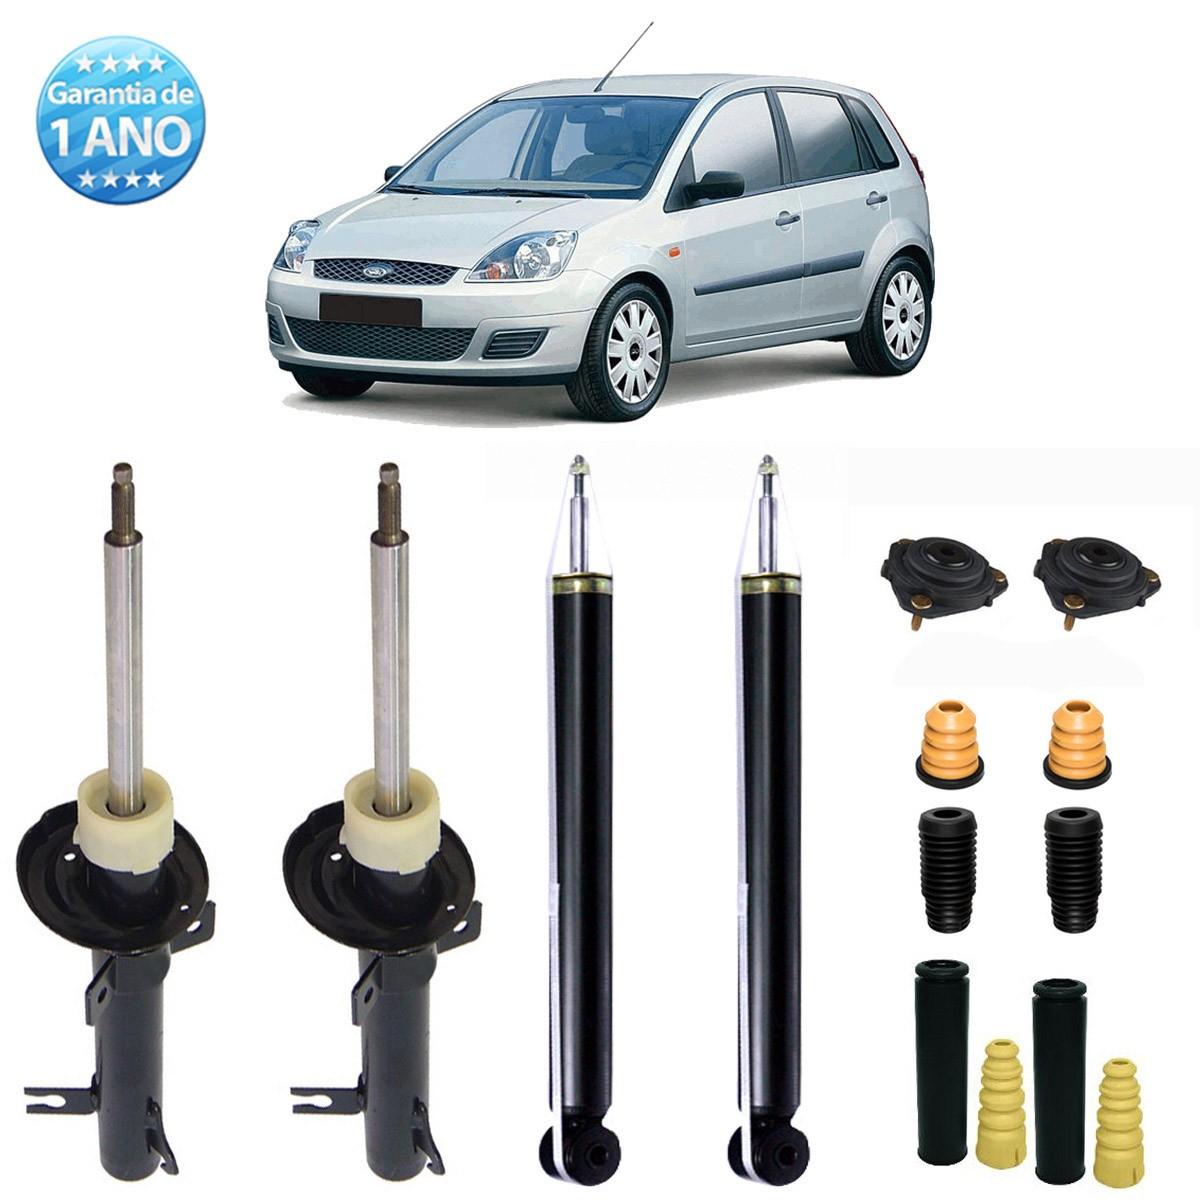 04 Amortecedores Remanufaturados Ford Fiesta Hatch e Sedan 2003 Até 2013 + Kit da Suspensão